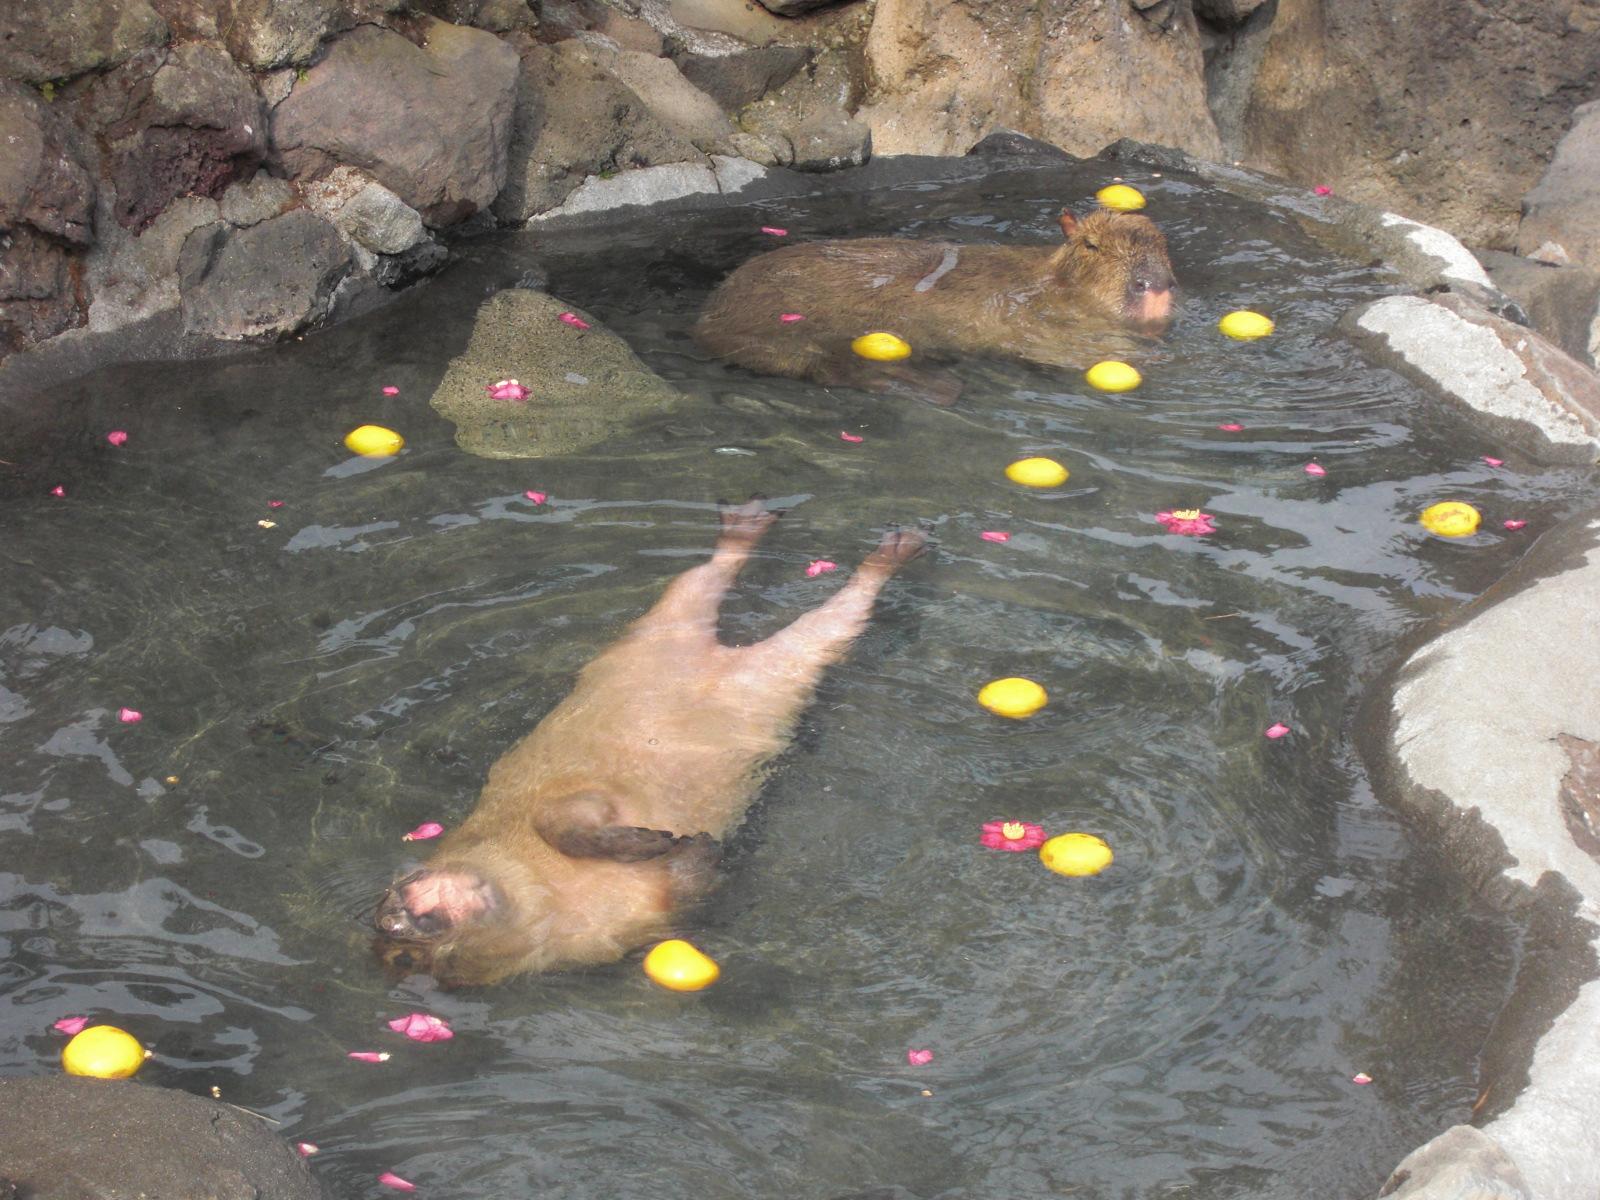 仰向けで泳ぐカピバラ